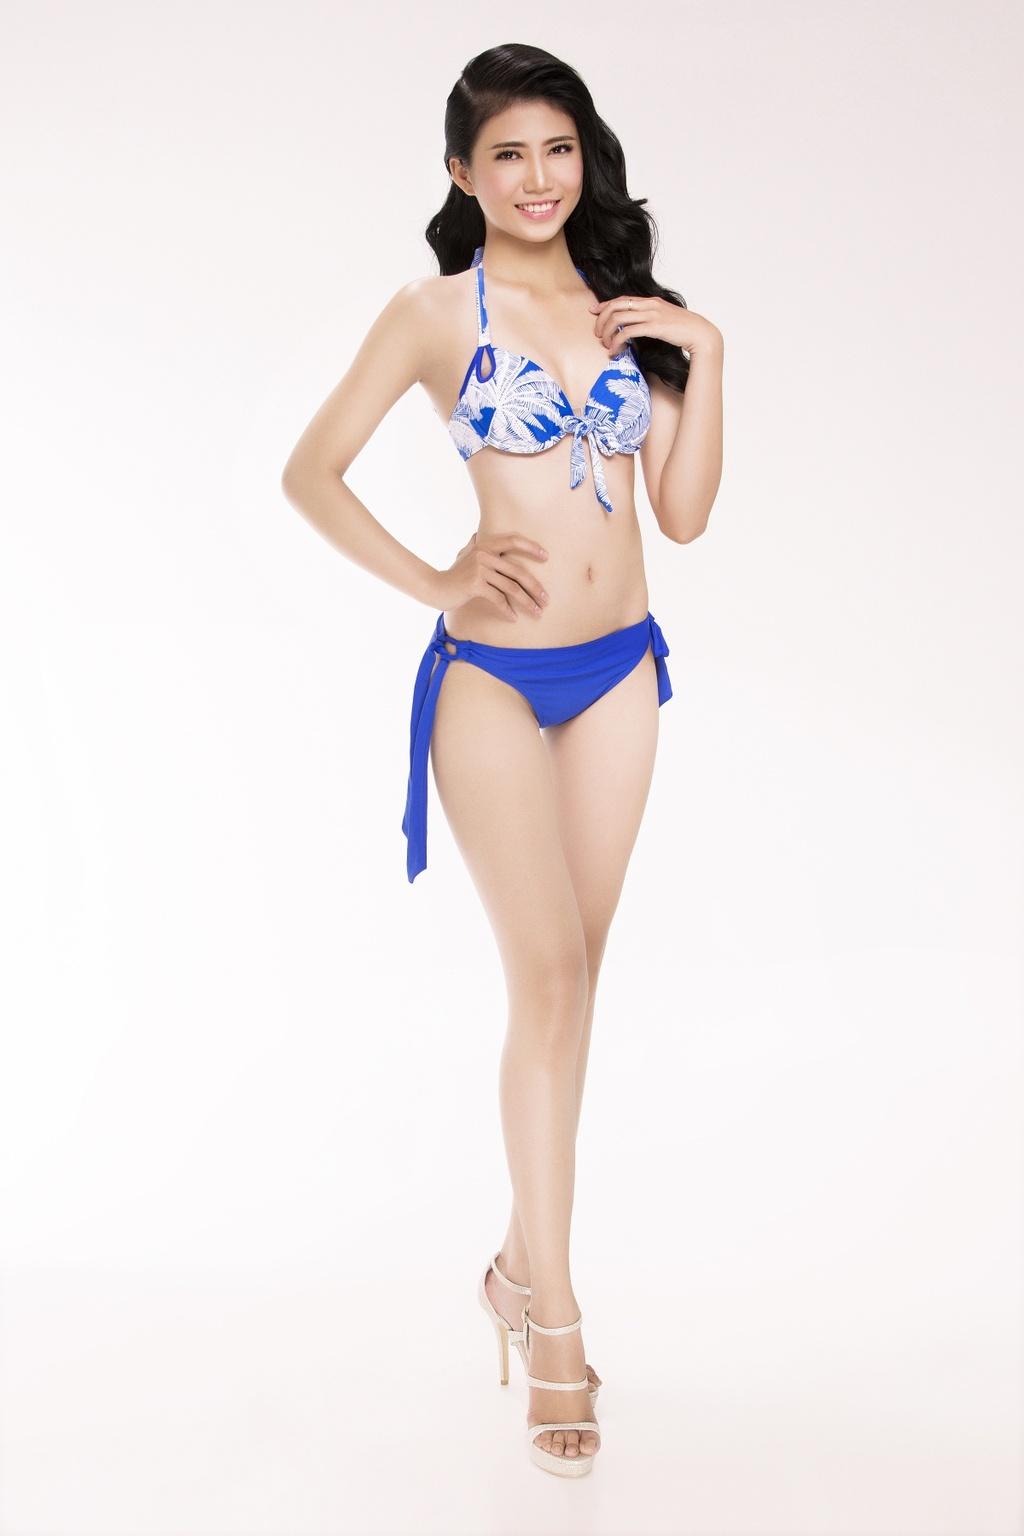 Nguoi dep Hoa hau Viet Nam 2016 tao dang voi bikini hinh anh 12